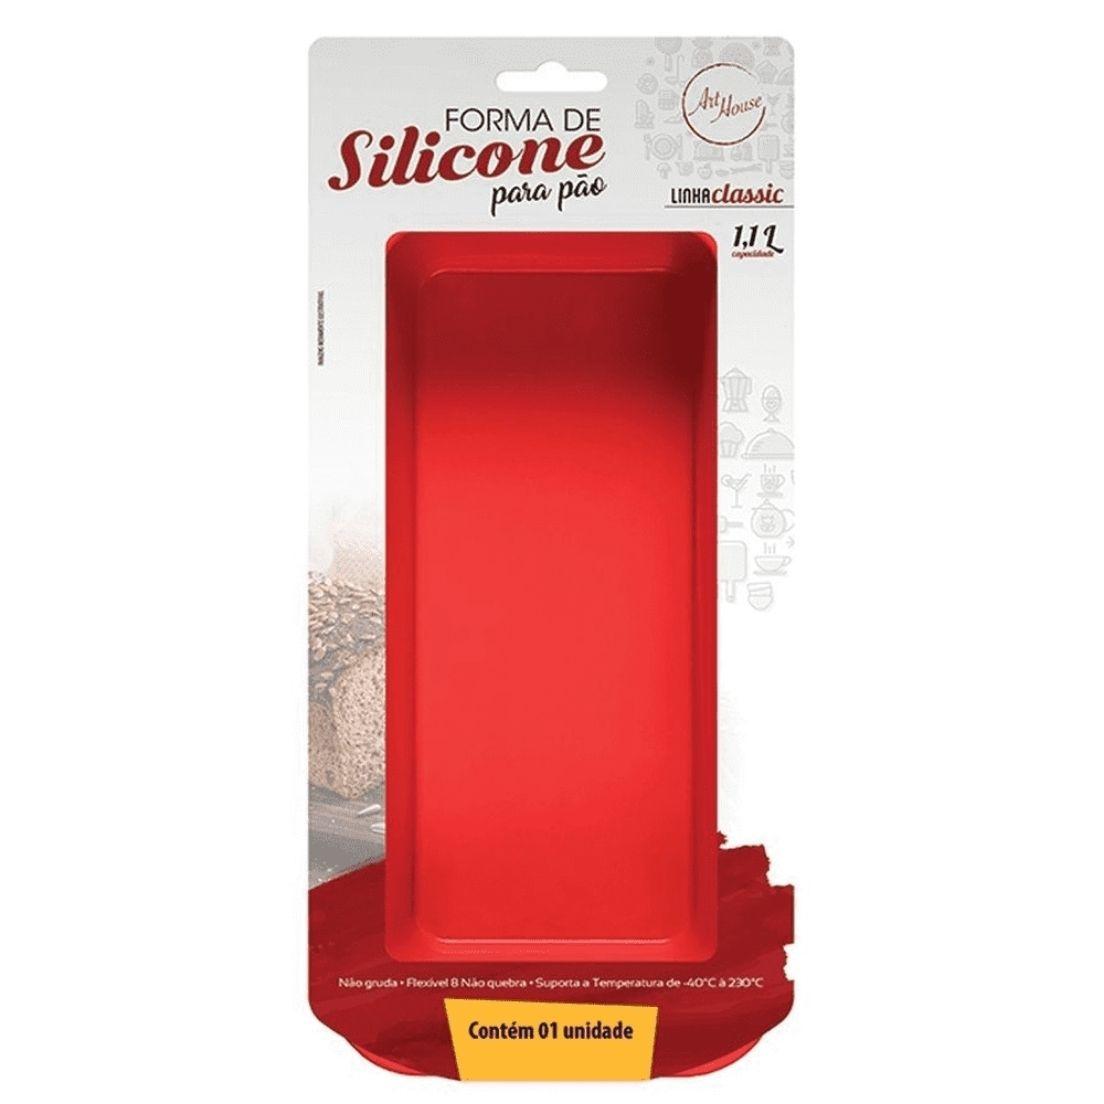 Forma para Assar Pão Bolo Doces Retangular Silicone Vermelho